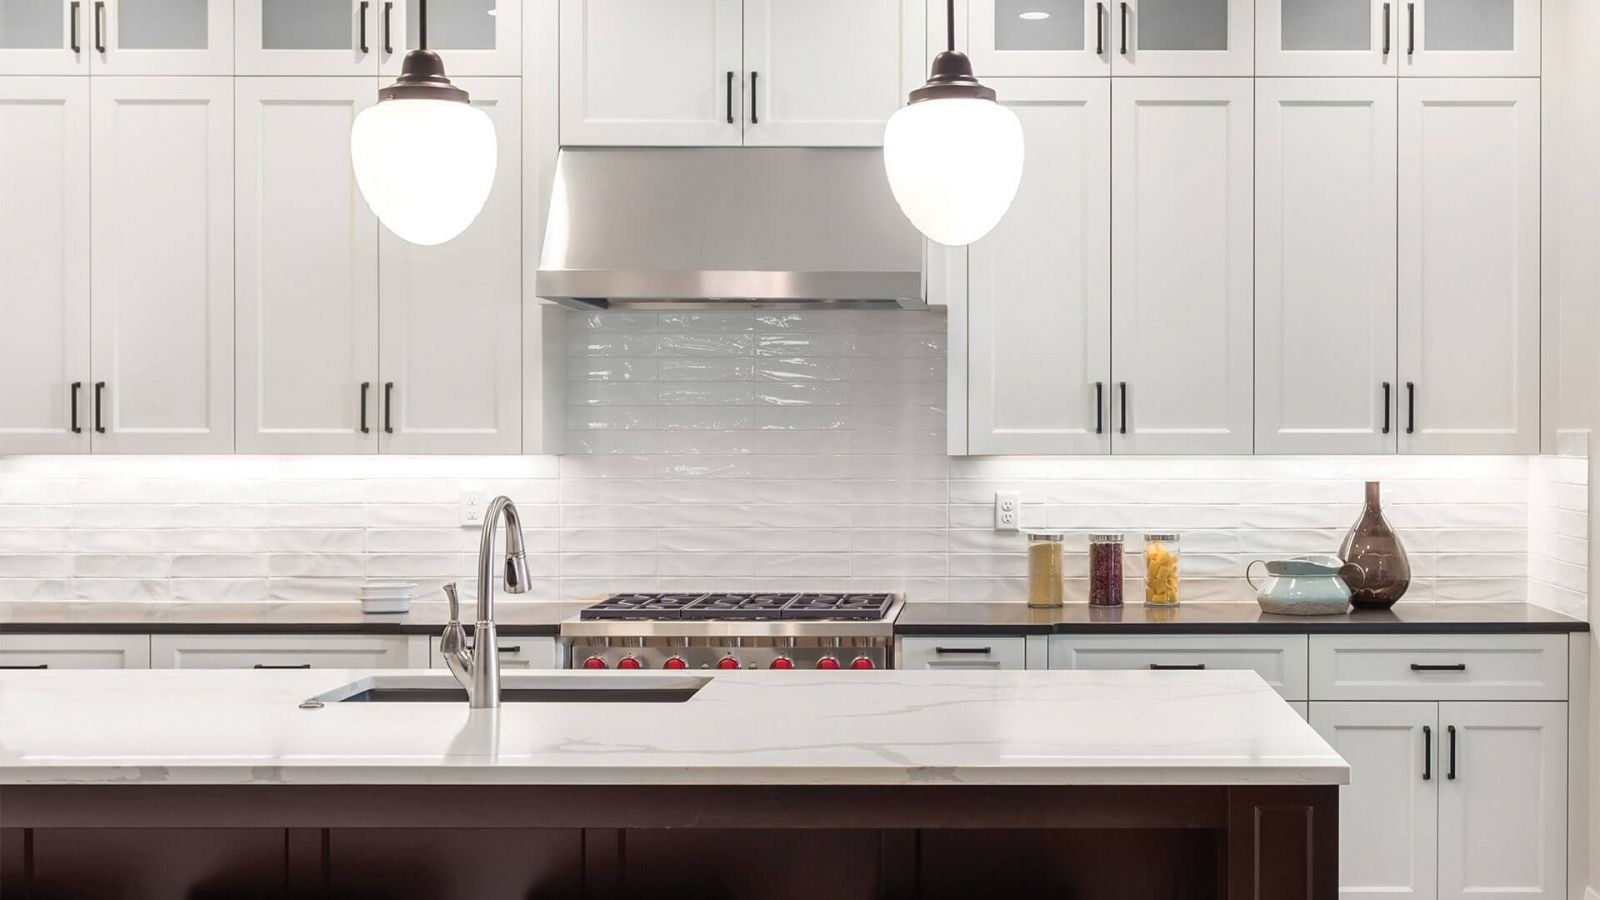 Белая глянцевая плитка - это нетленная эстетика кухонного дизайна.